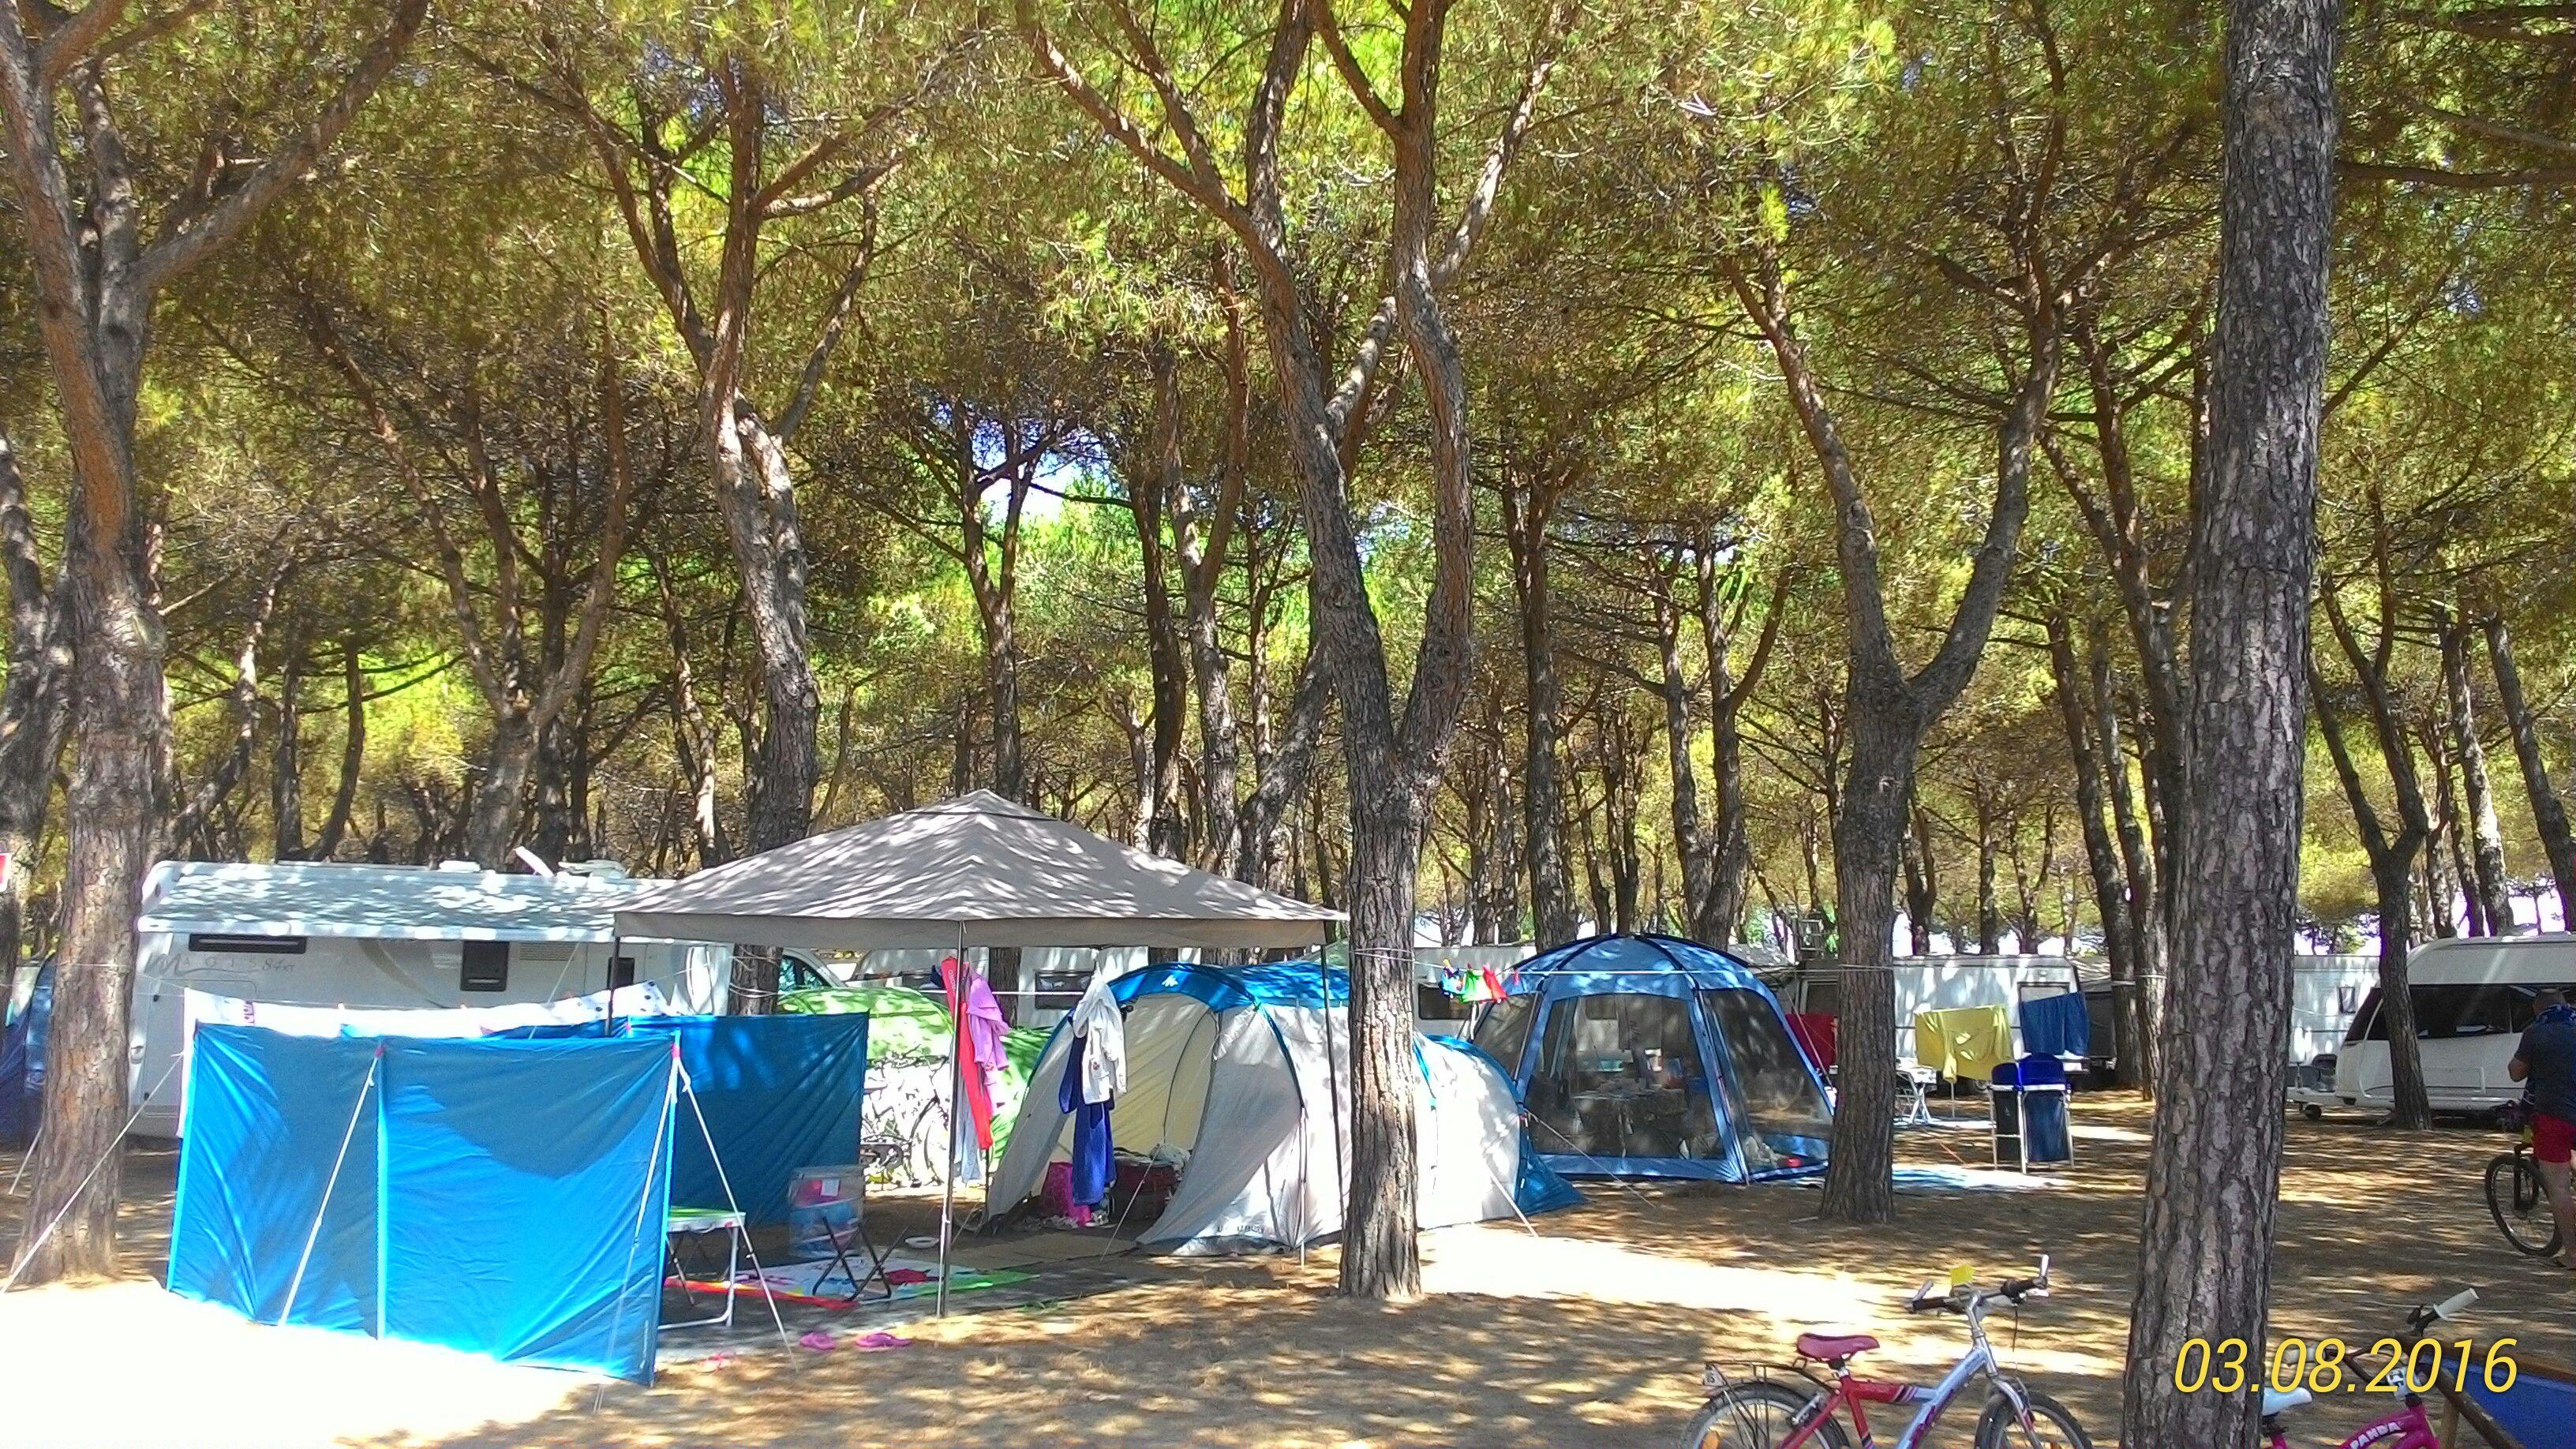 Piazzola per camper o tenda pineta campeggio orbetello - Piscina piazzola ...